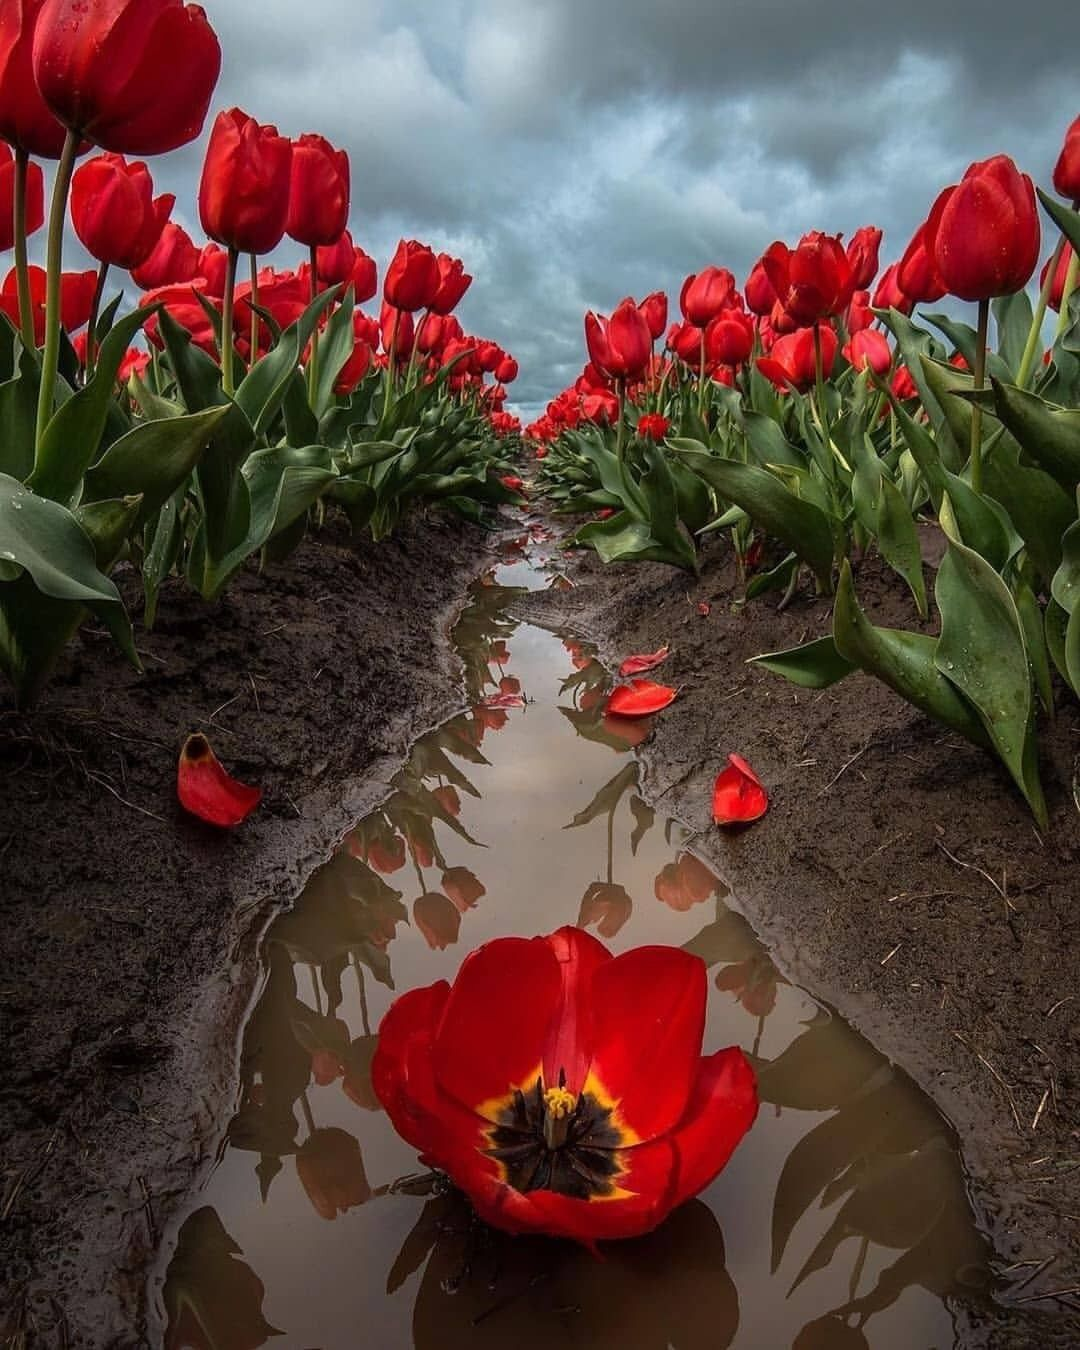 Qui Hic Minxerit Aut Cacaverit Habeat Deos Iratos In 2020 Beautiful Flowers Flowers Instagram